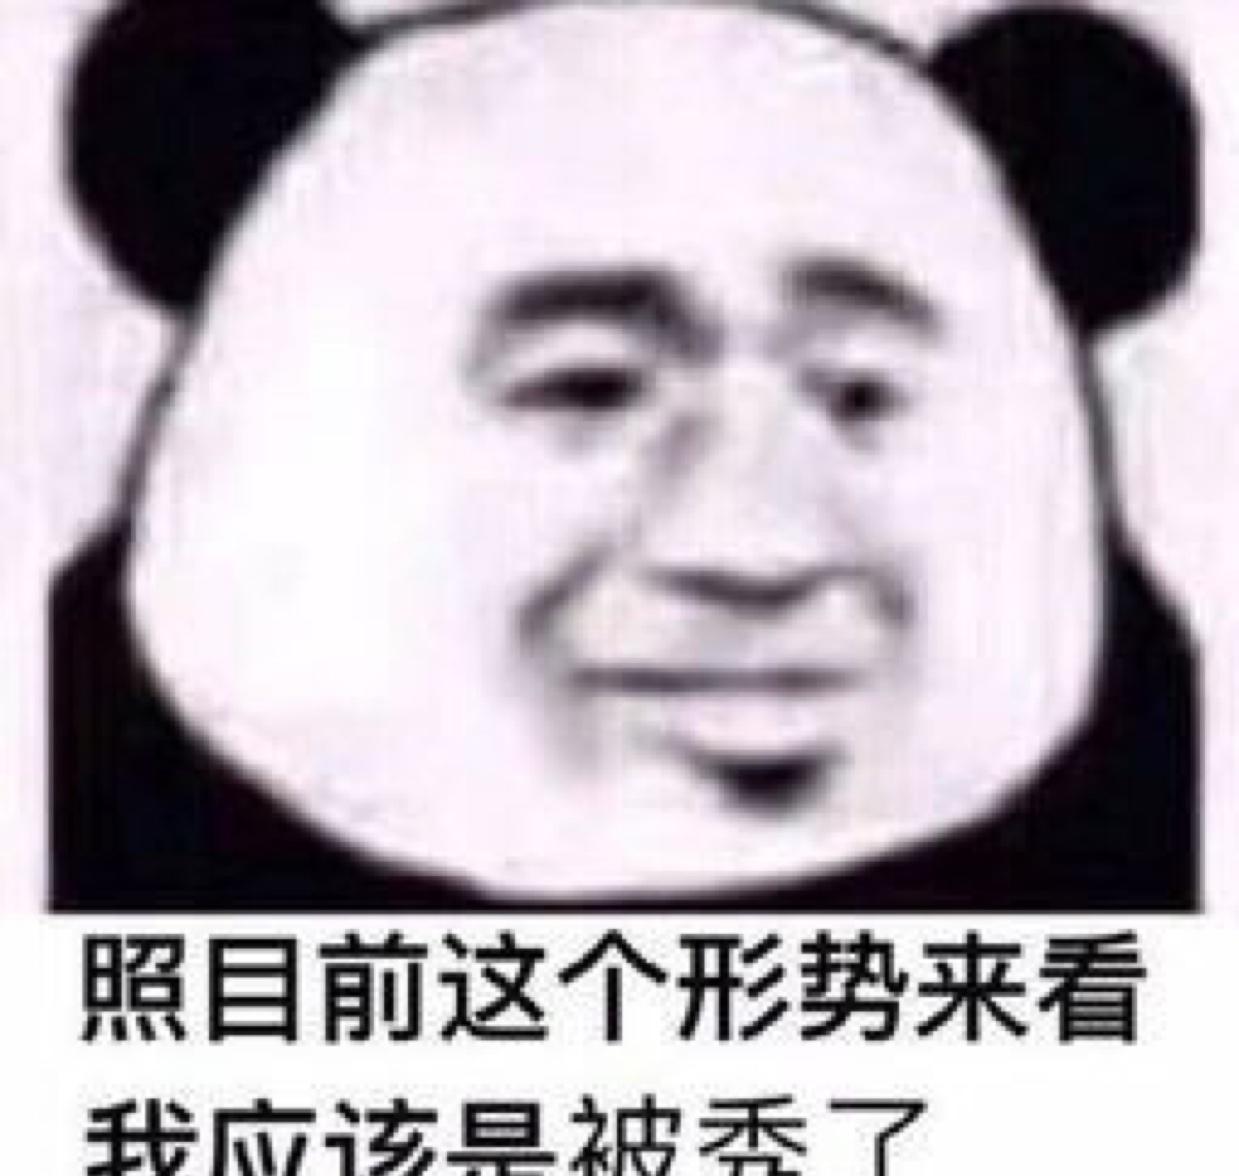 bjgxd